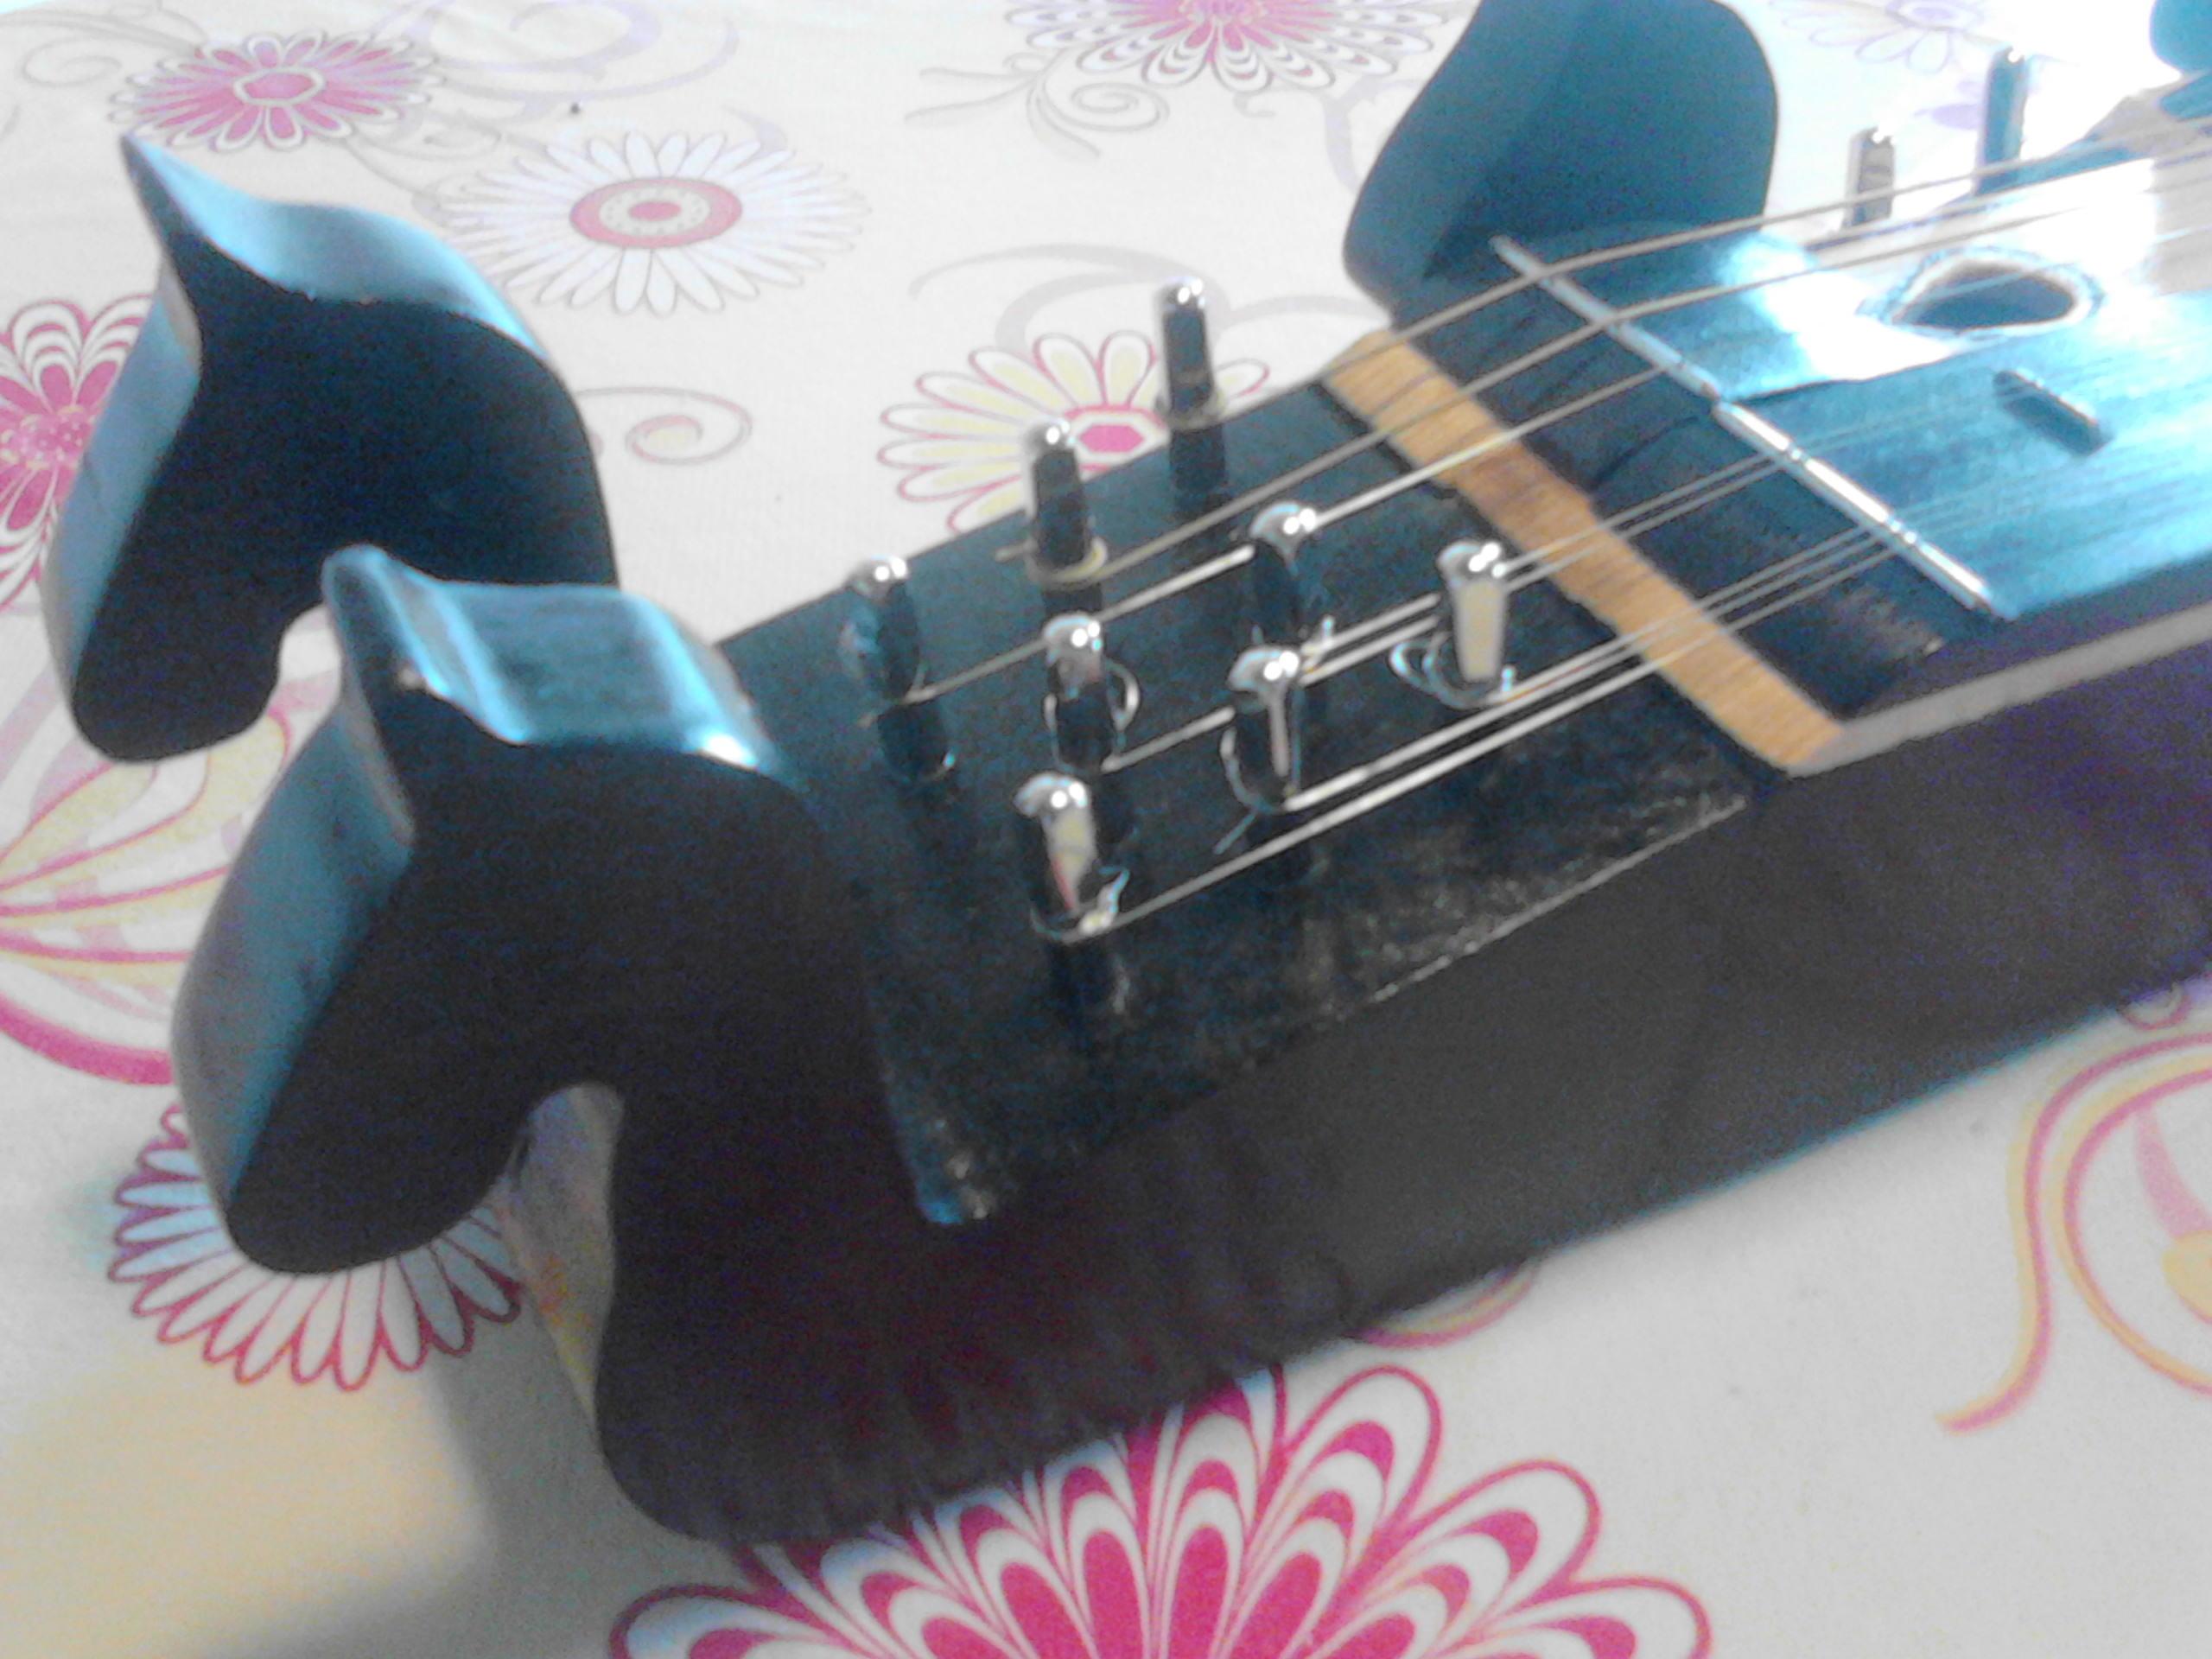 pénisz a gitáron